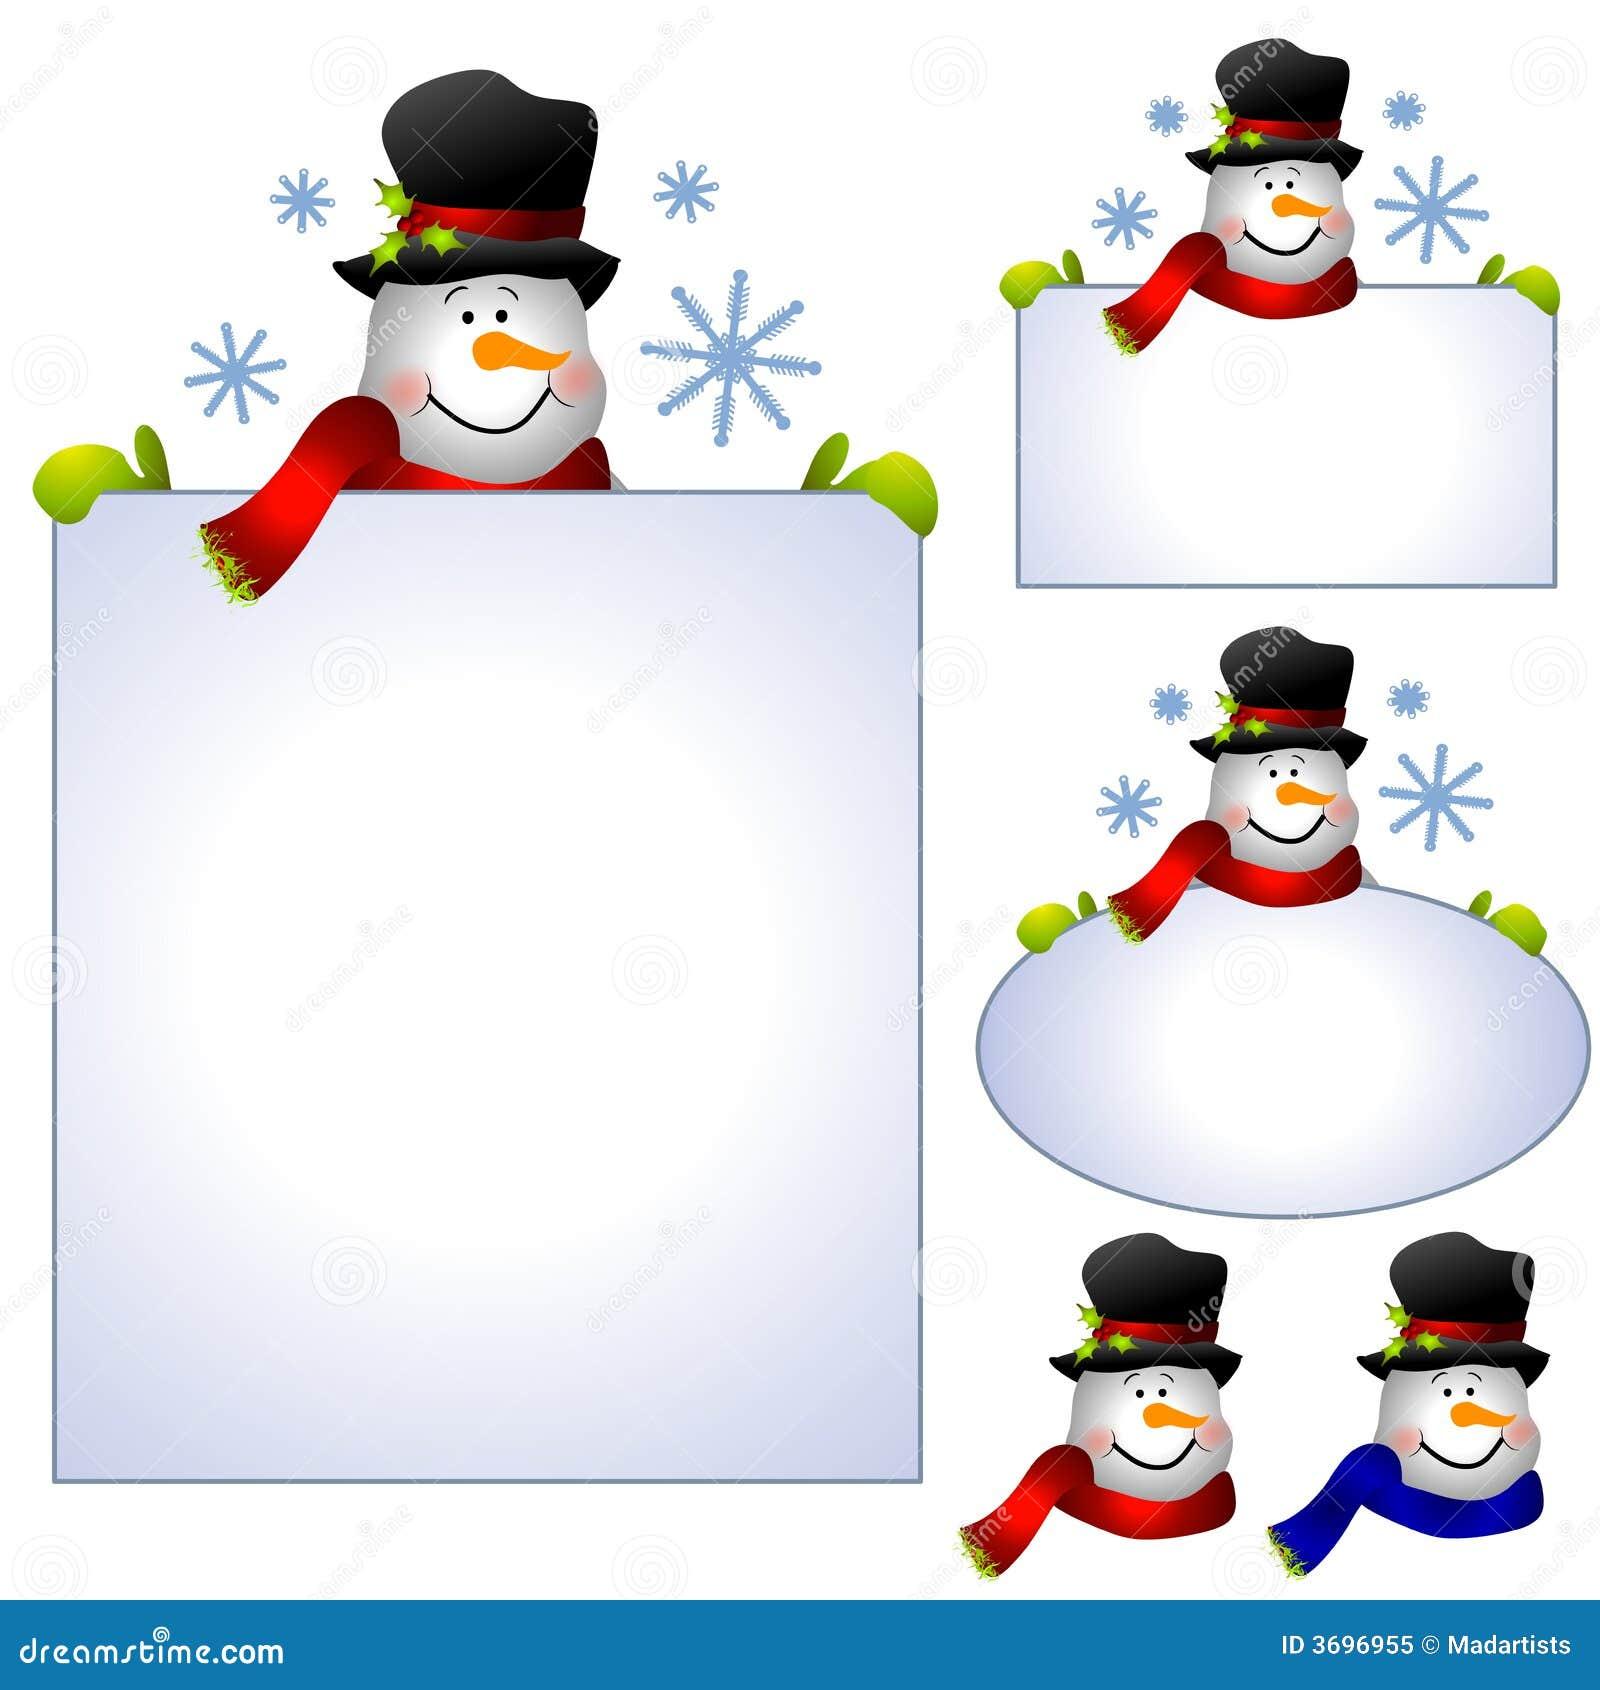 Drapeaux et cadres de clipart images graphiques de - Clipart bonhomme de neige ...